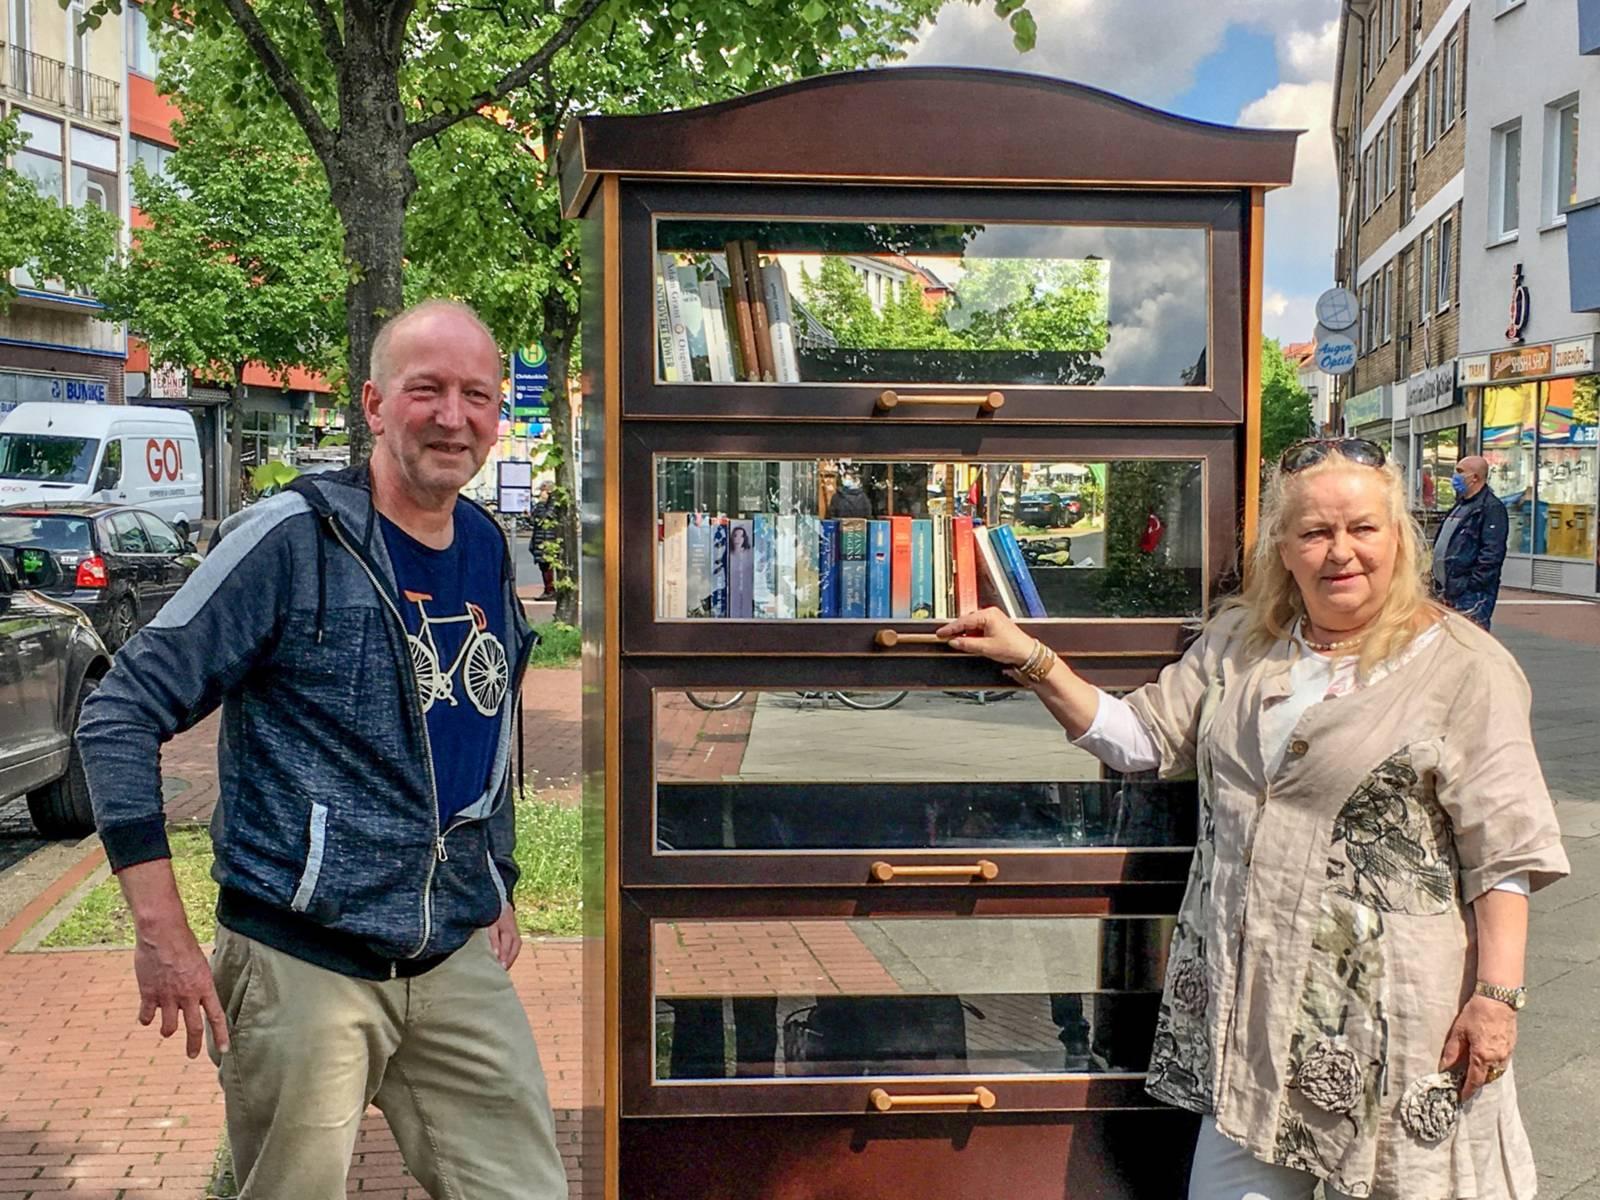 Zwei Personen stehen an einem Bücherschrank